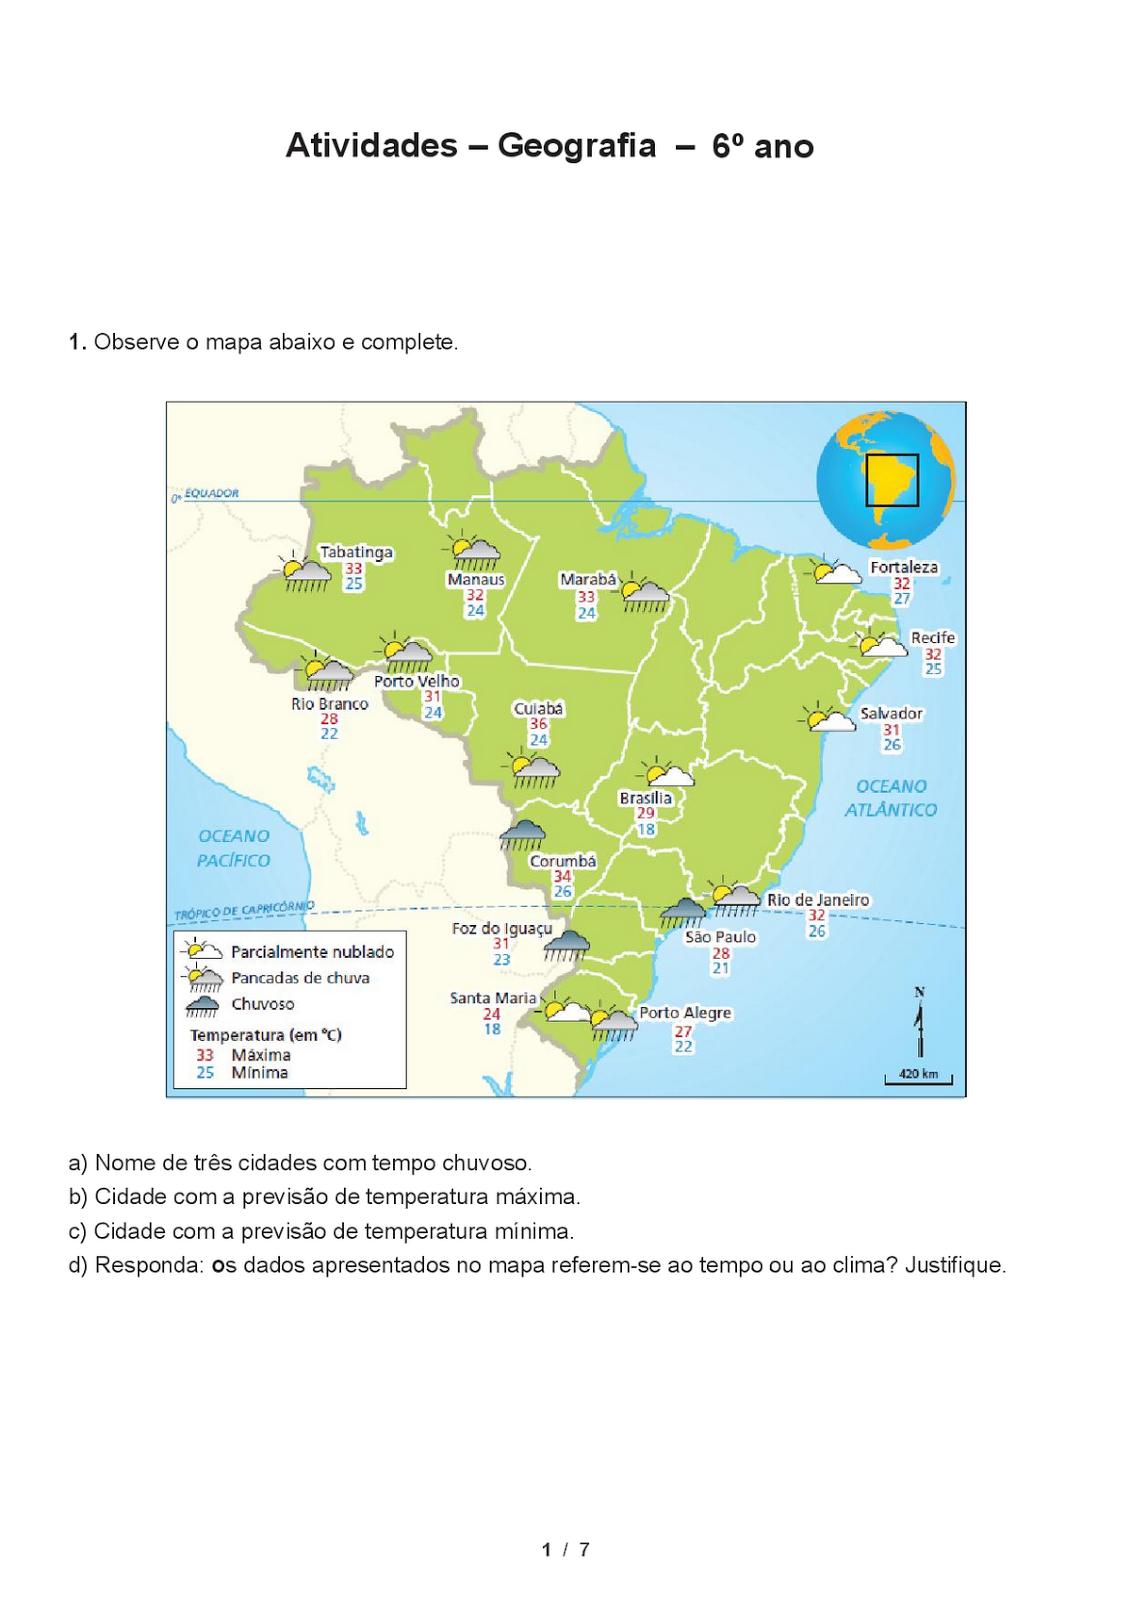 Portal da atividade atividades geografia 6 ano for Temperatura frigo da 1 a 7